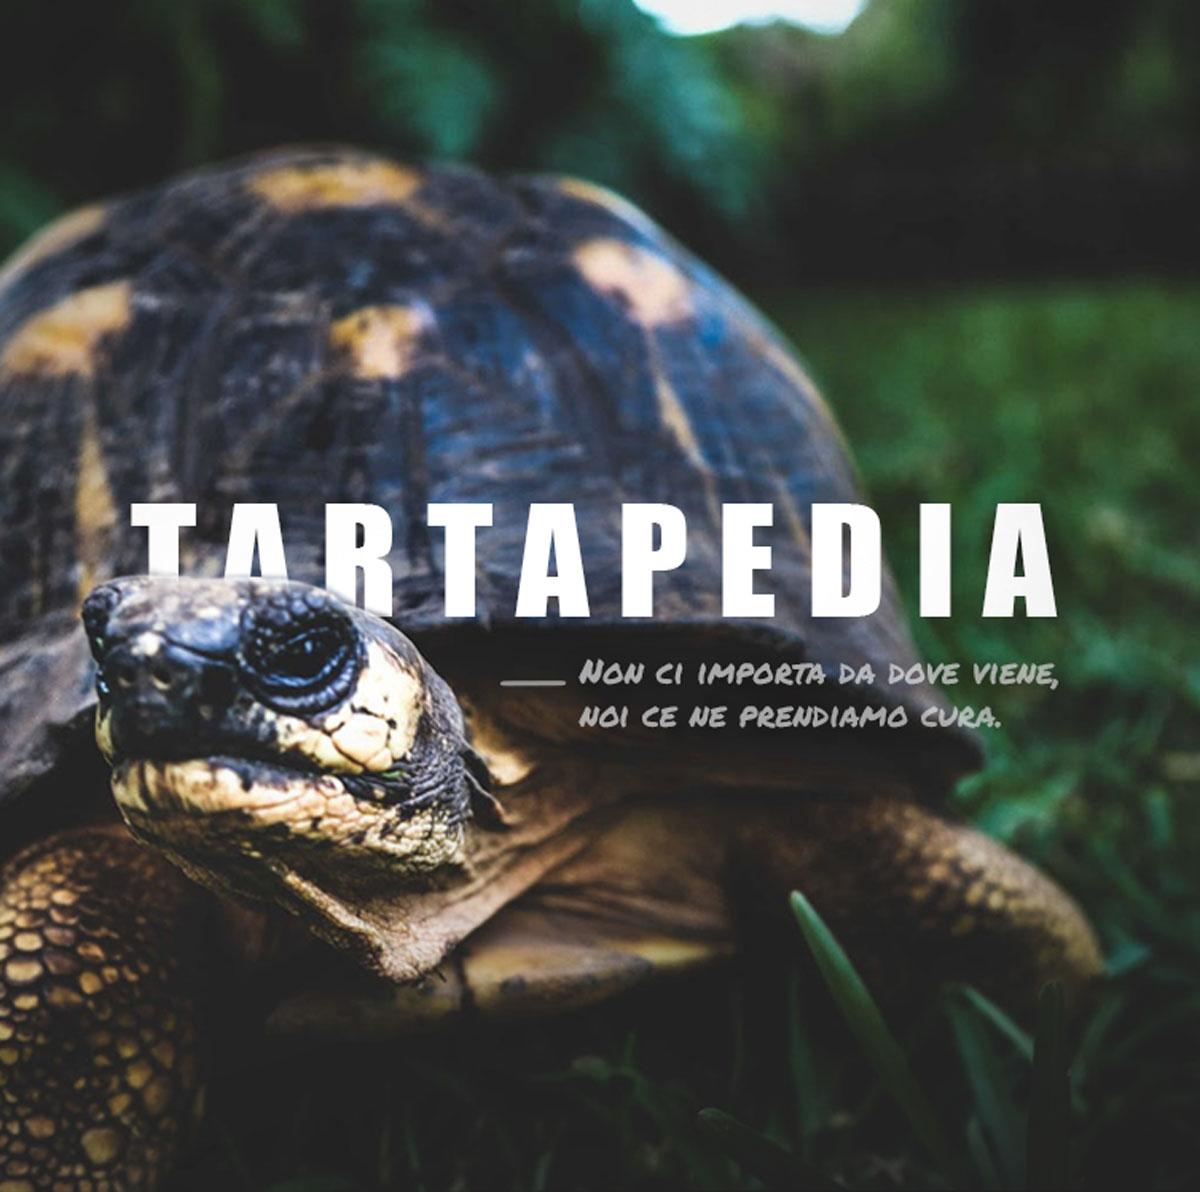 TARTAPEDIA